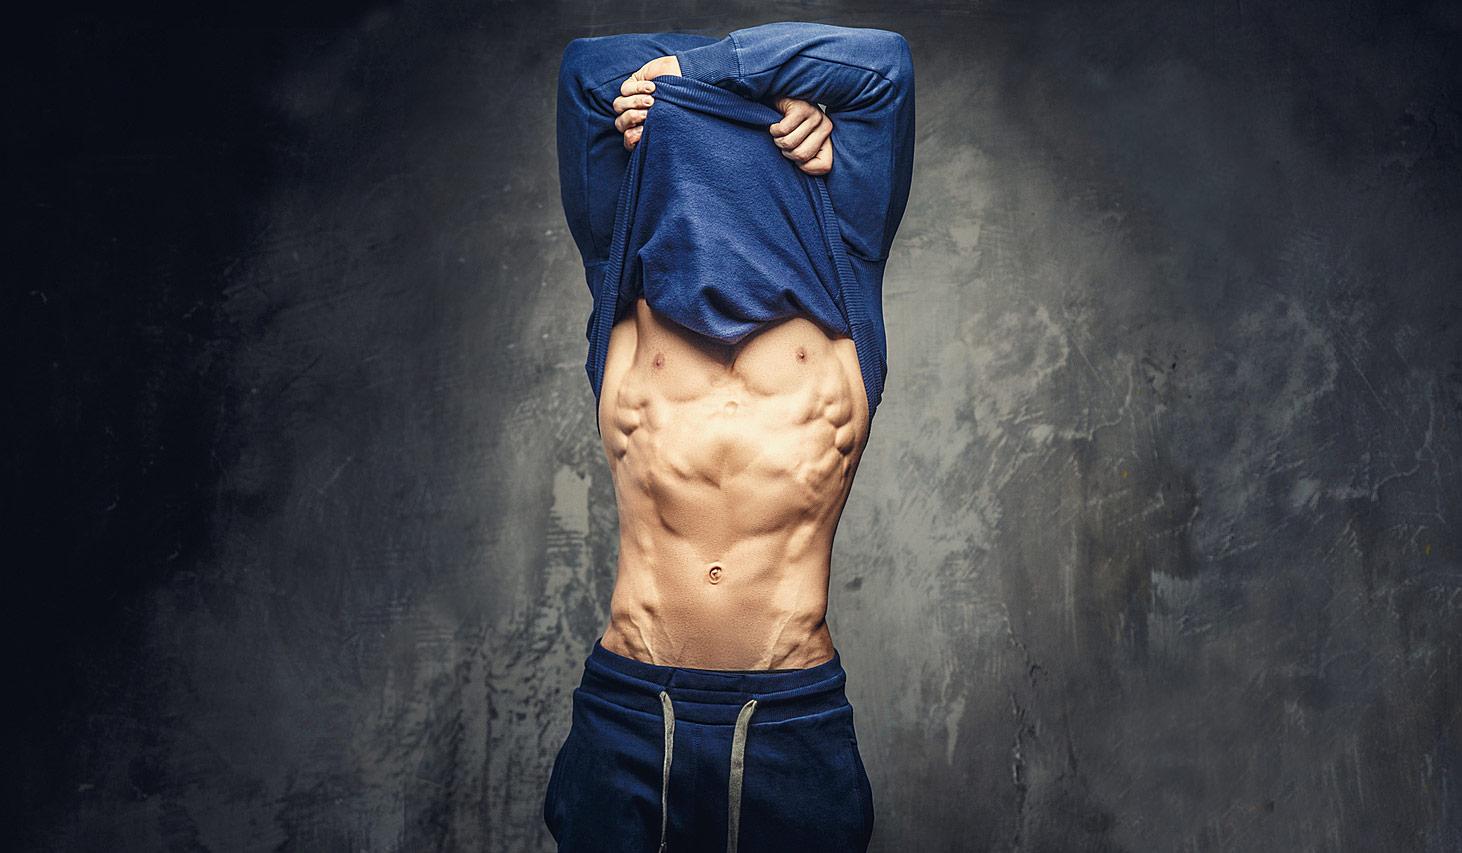 программа тренировок для сжигания жира для мужчин эьл